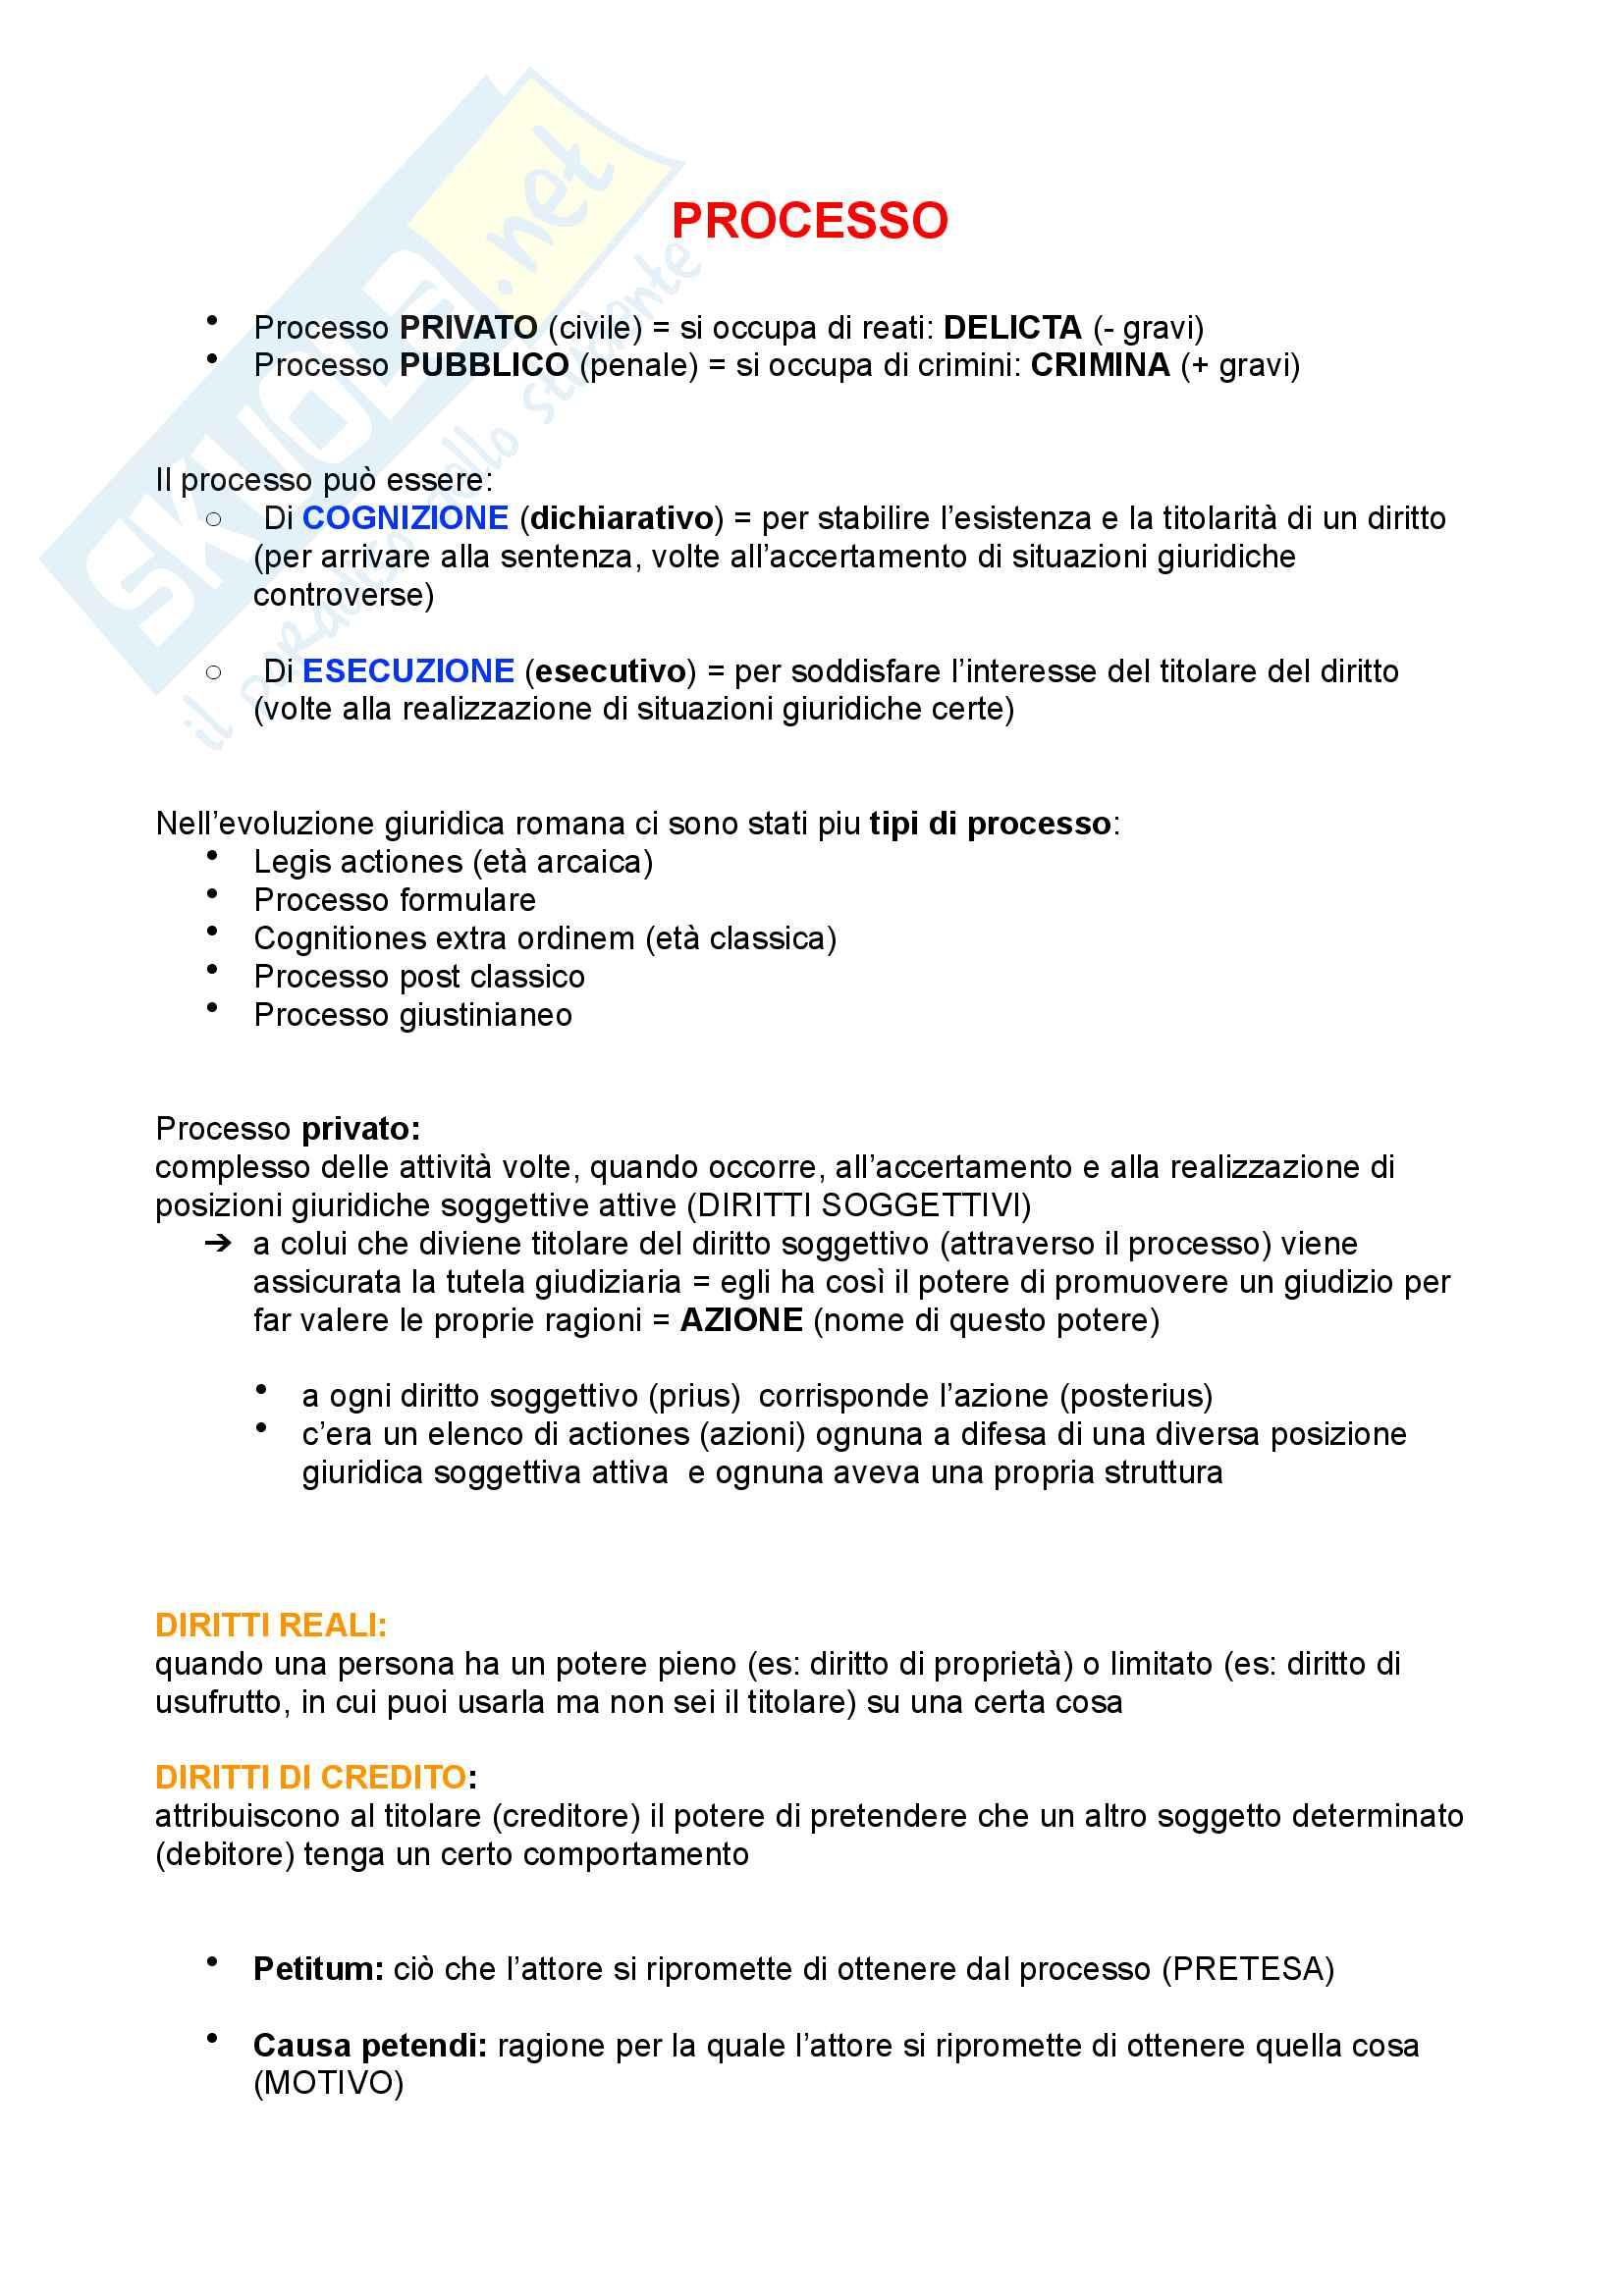 Processo diritto romano (legis actiones e formulare)